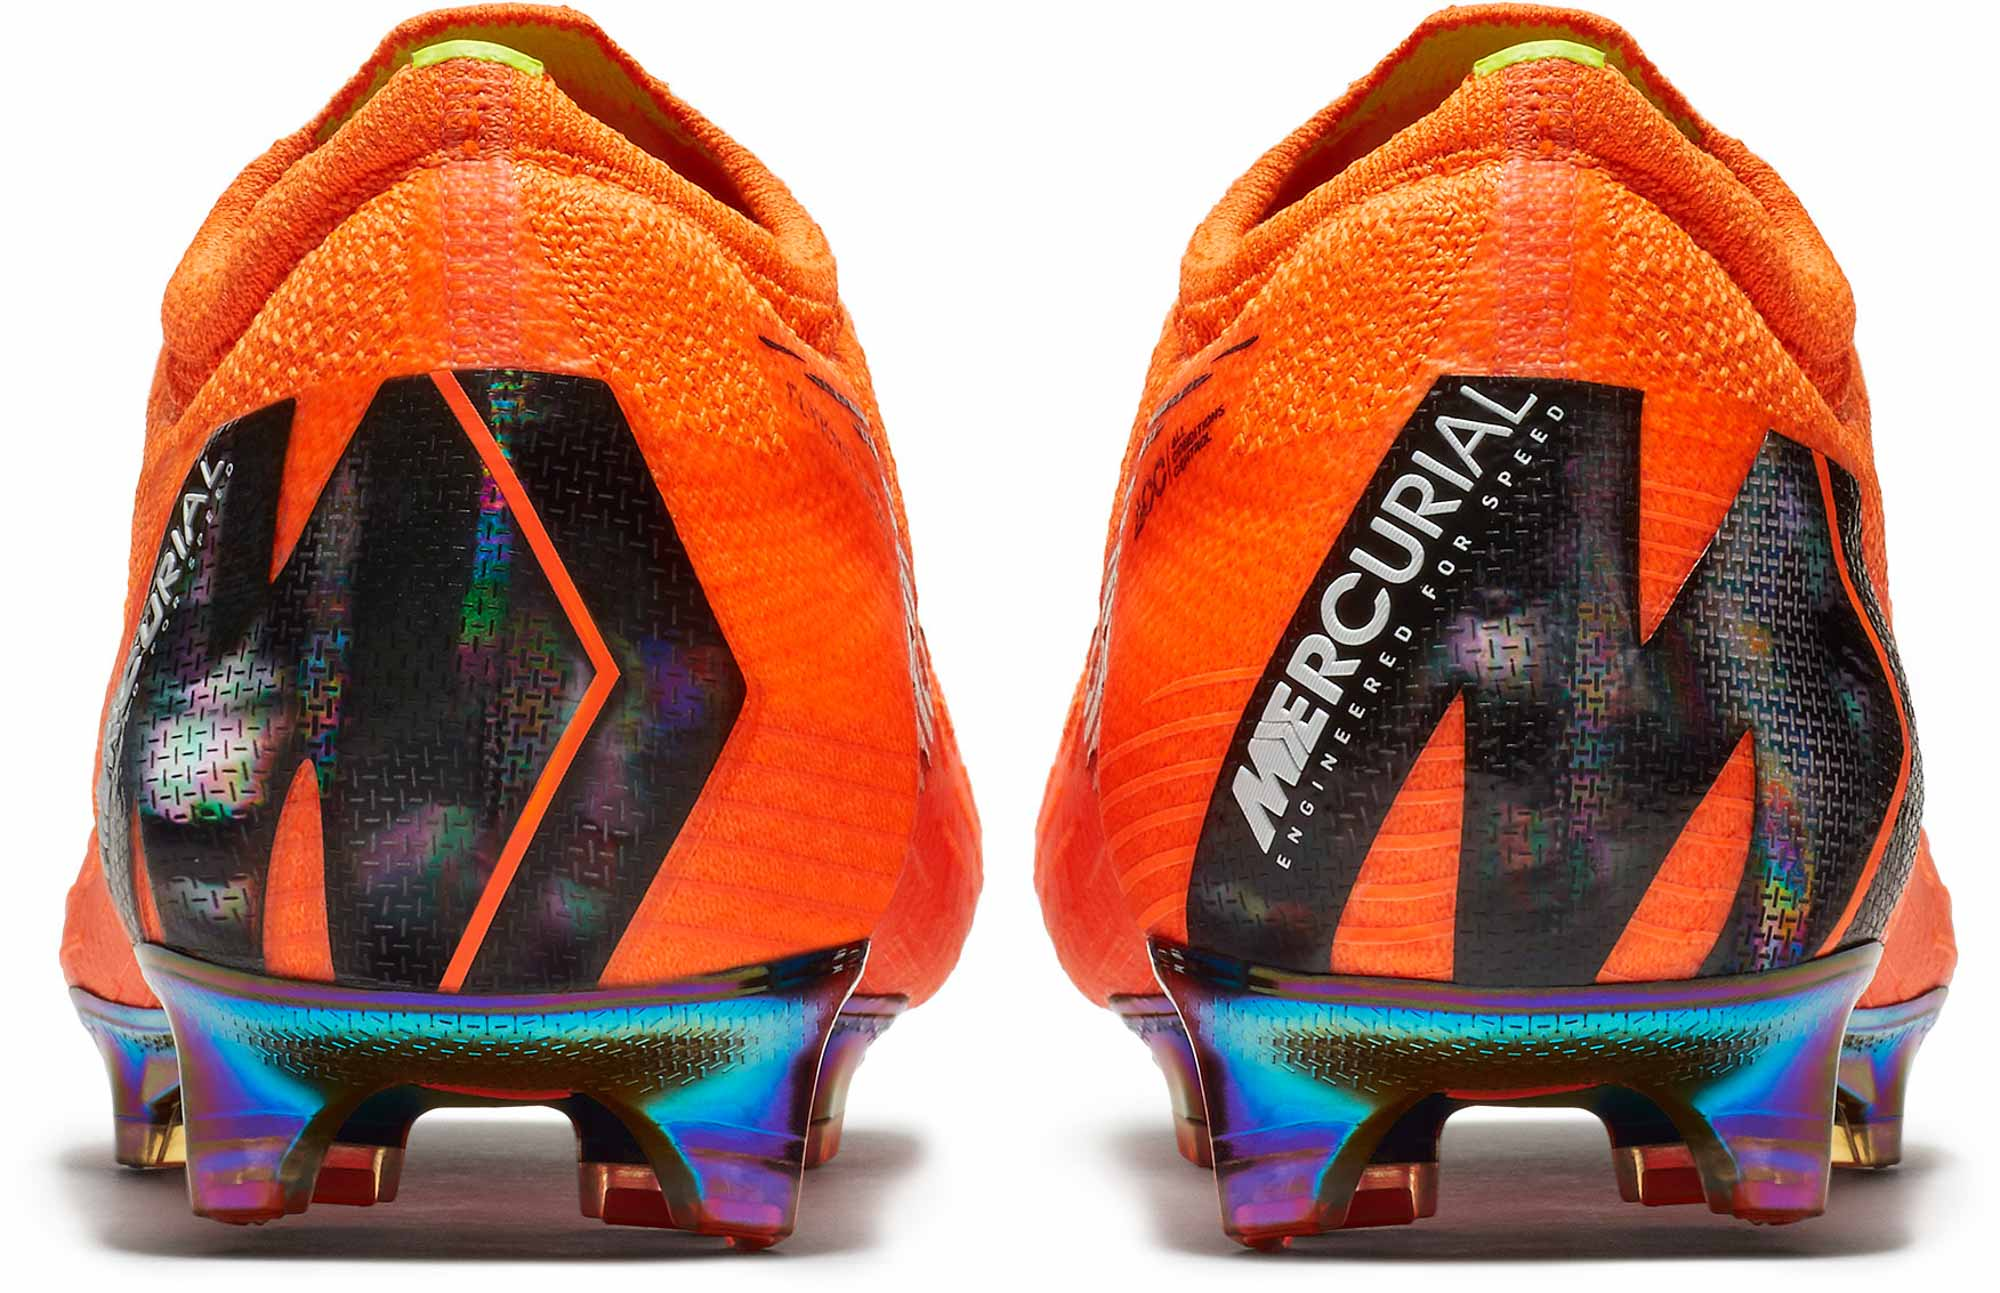 0975102b0 Nike Vapor 12 Elite FG - Total Orange   Volt - Soccer Master